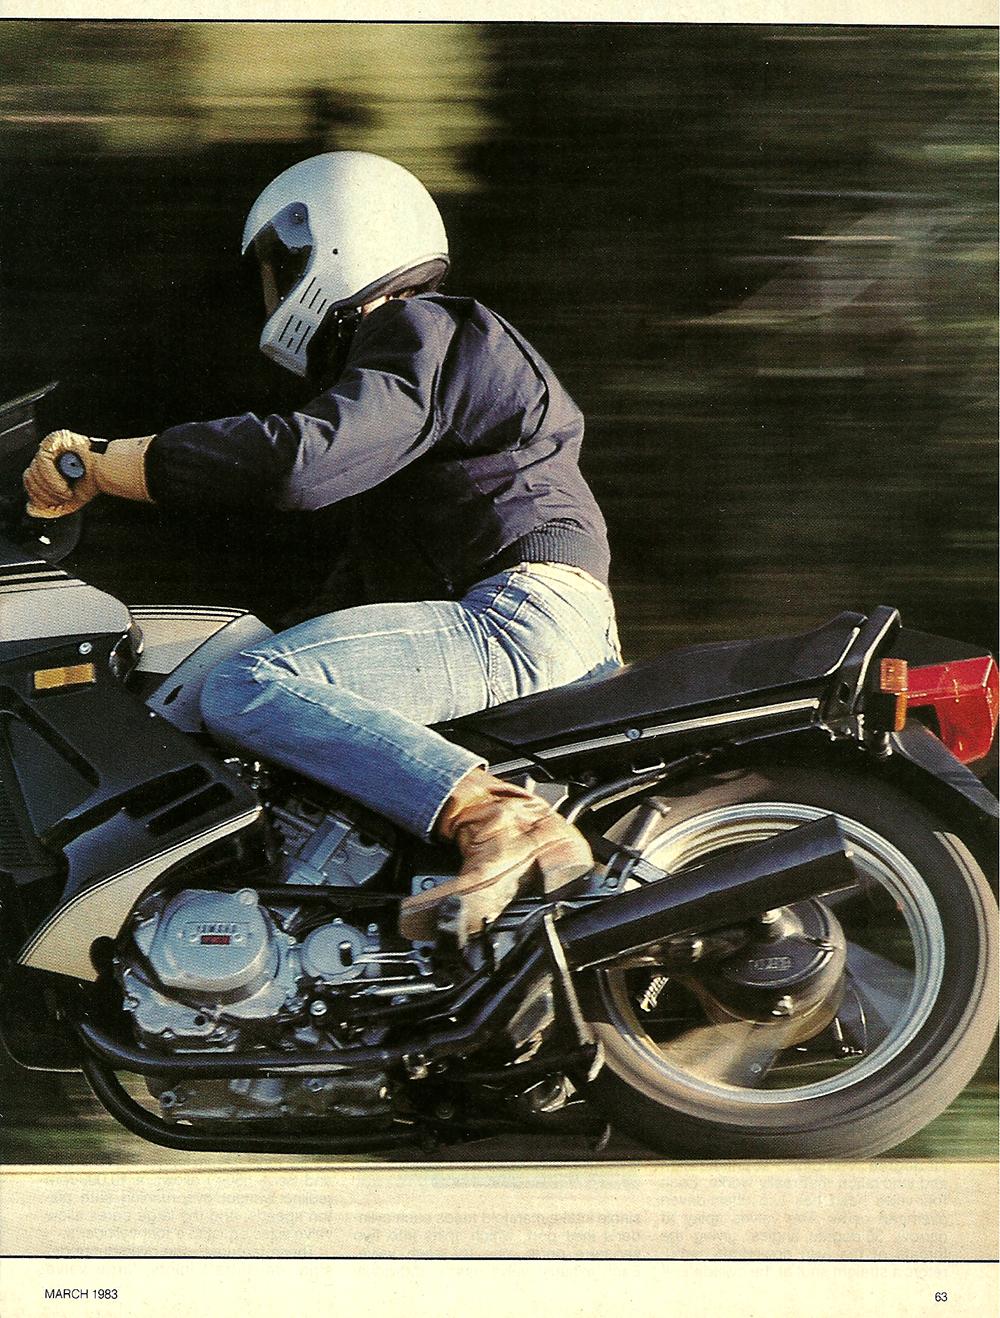 1983 Yamaha XZ550RK Vision road test 2.jpg